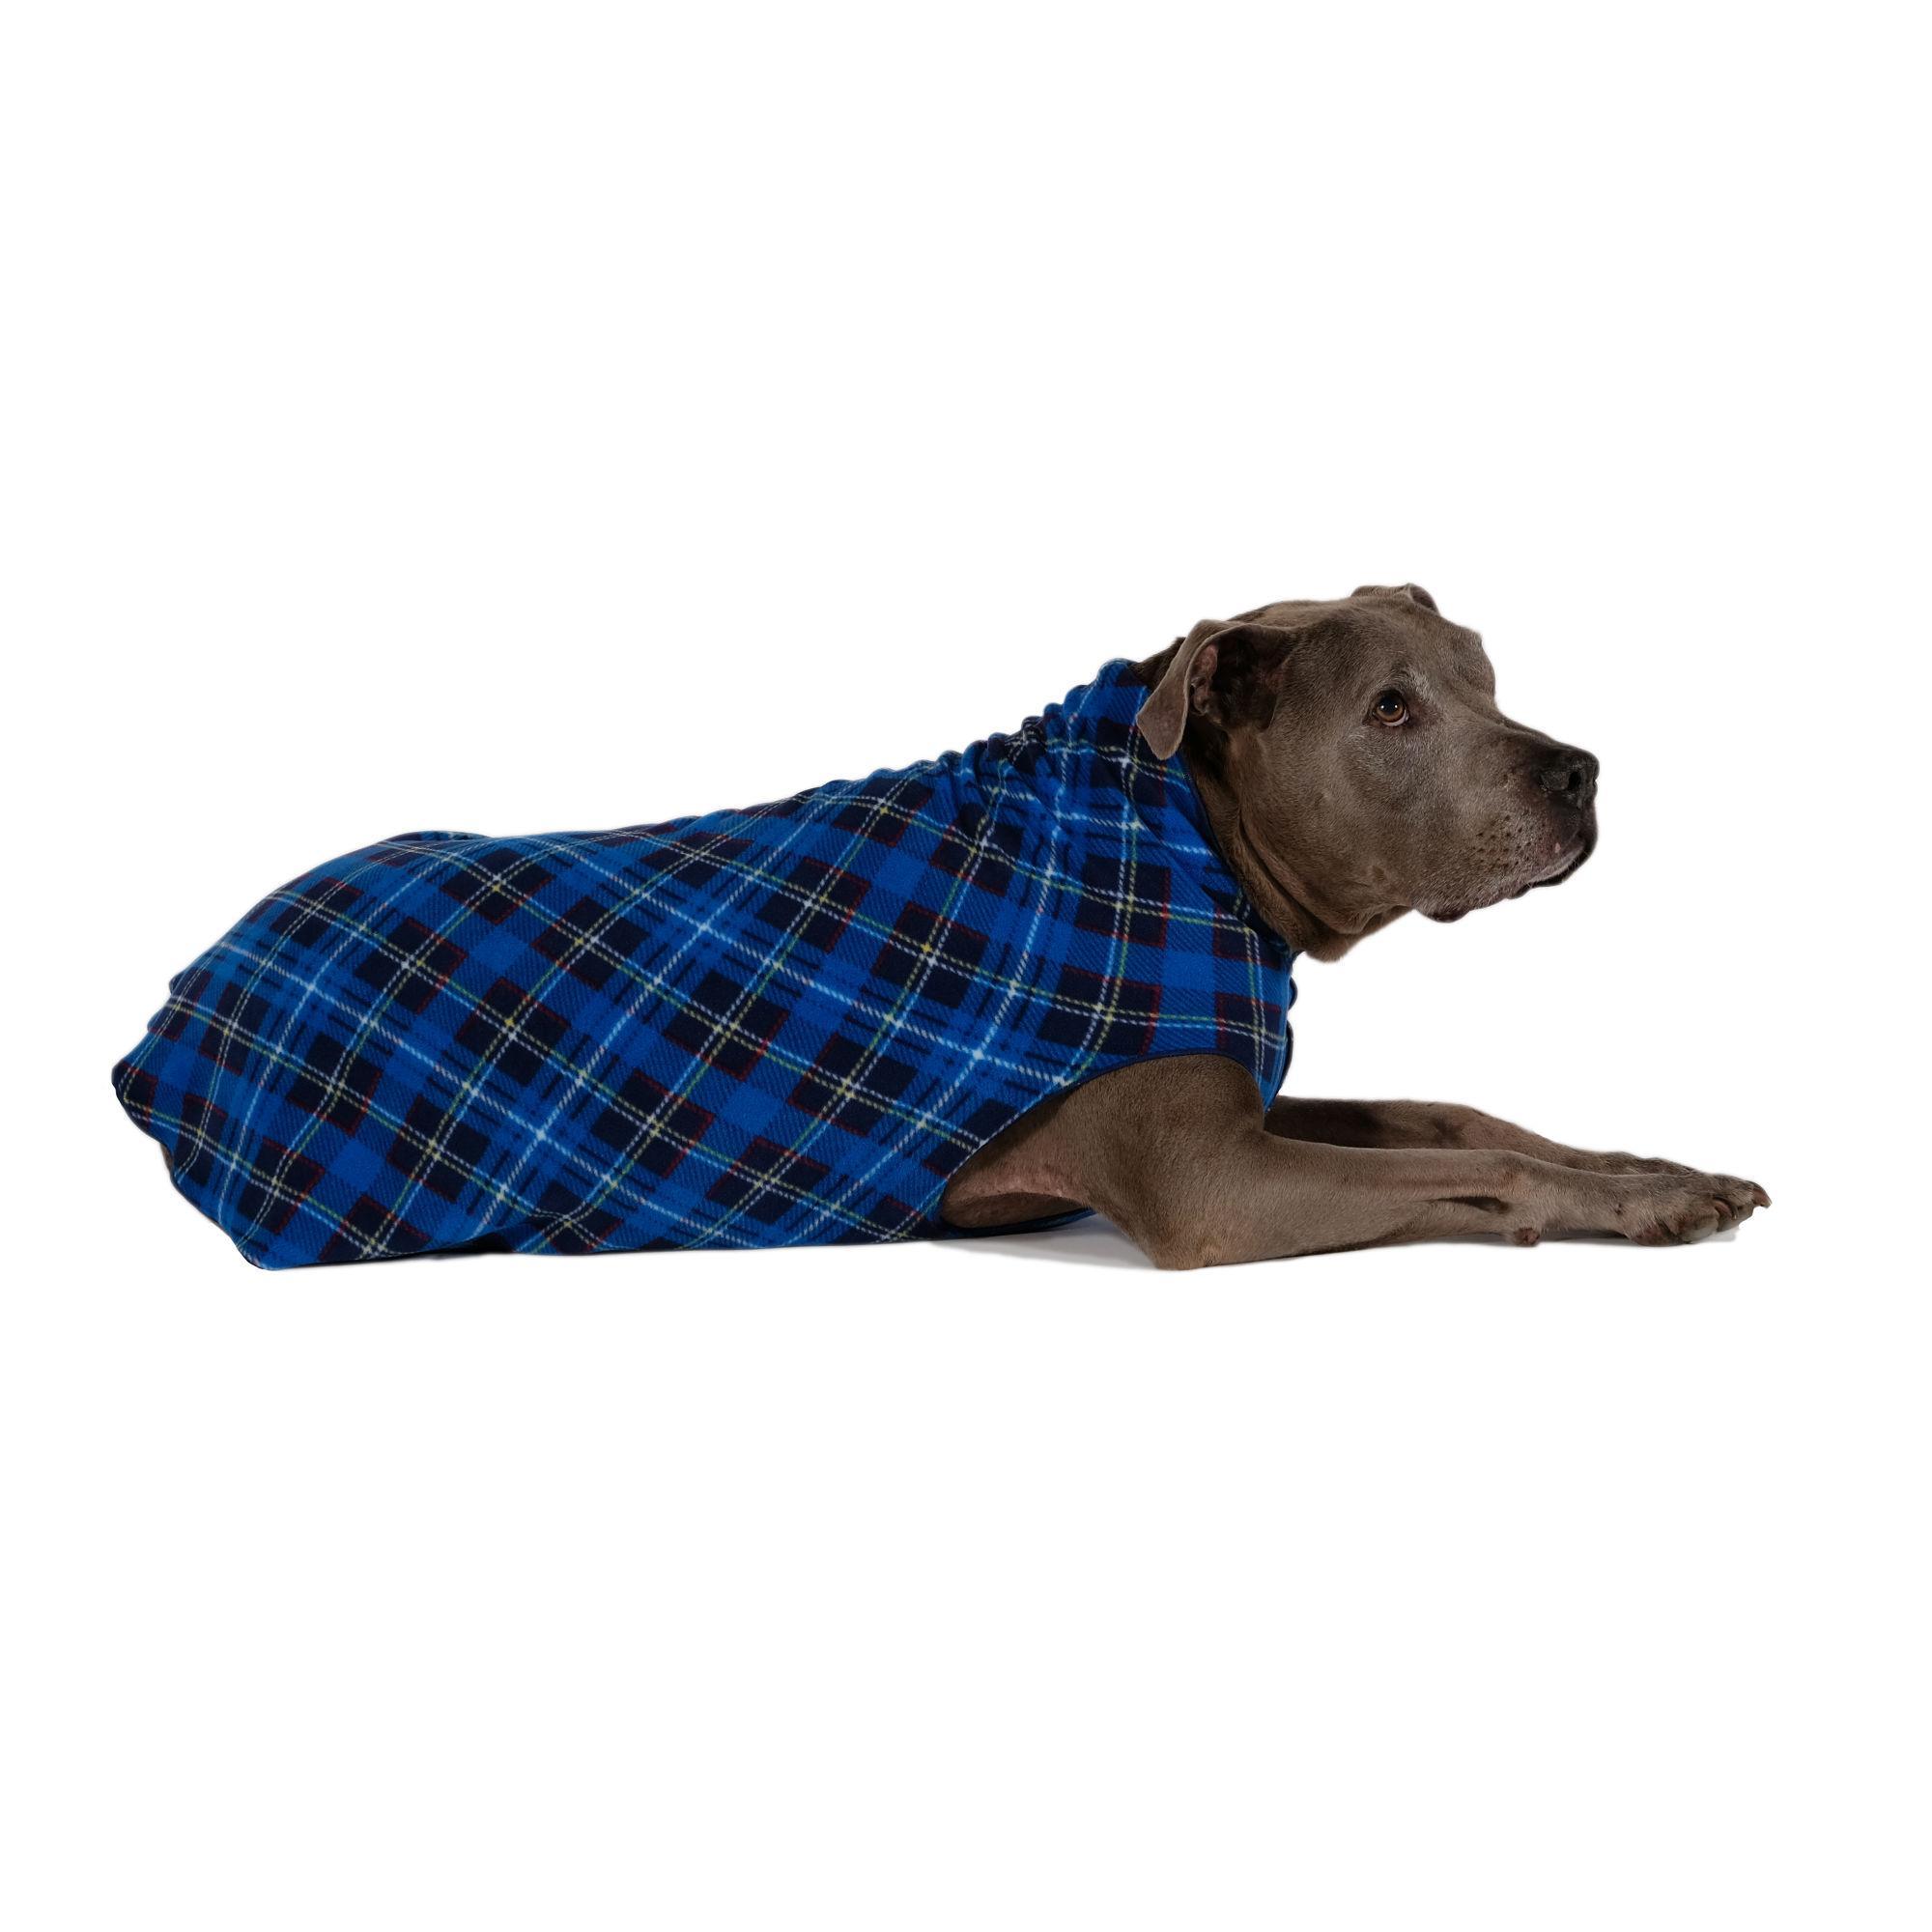 Gold Paw Fleece Dog Jacket - Blue Plaid